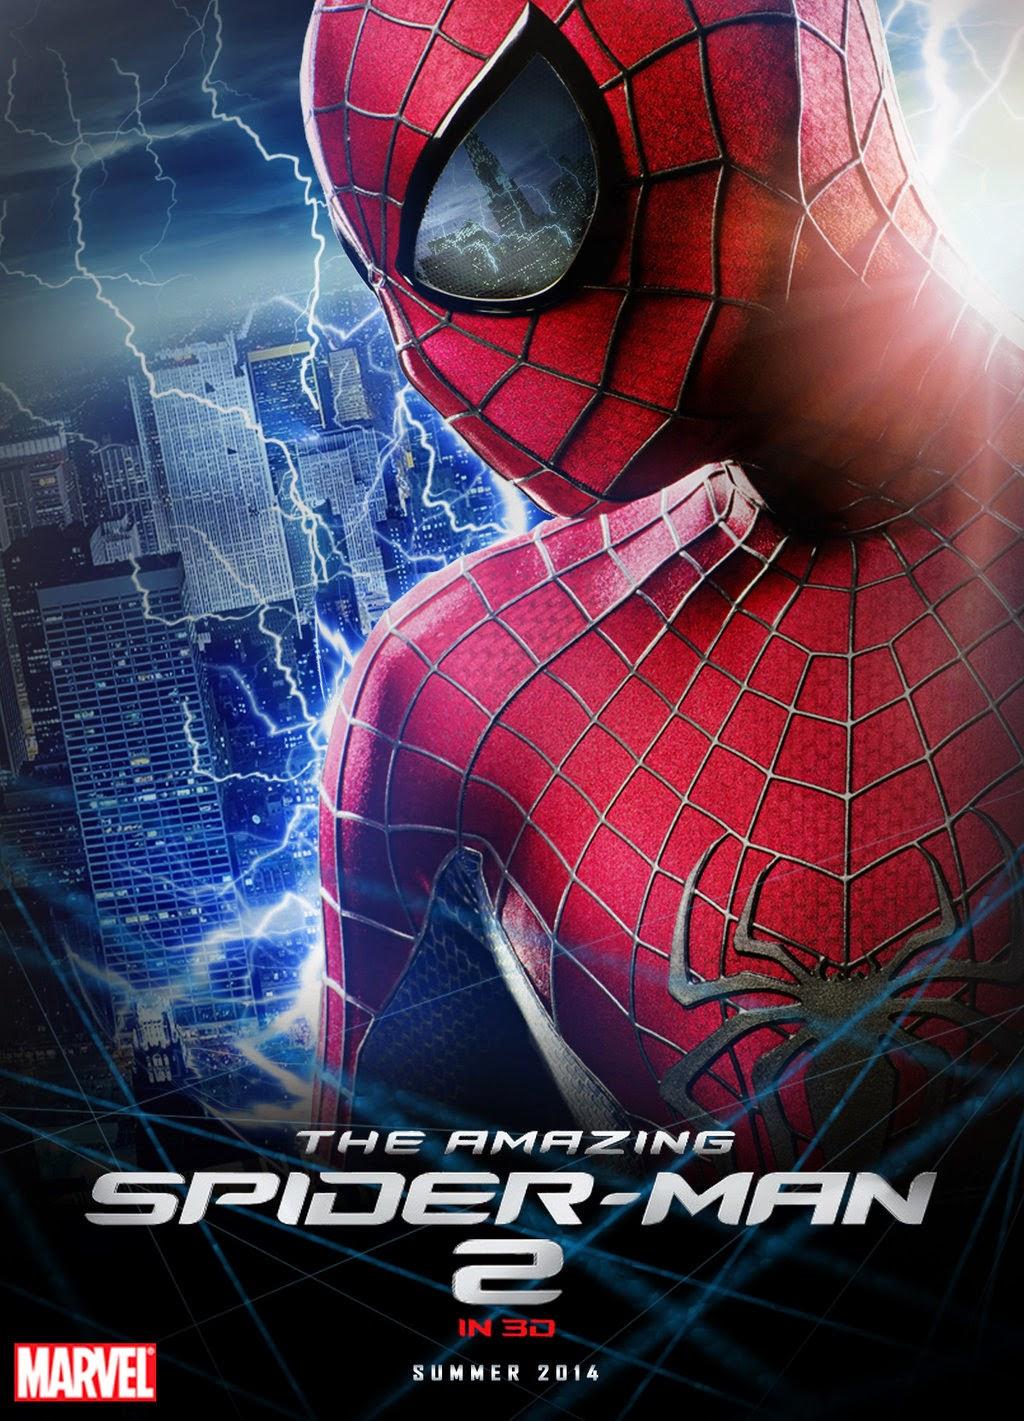 http://www.imdb.com/title/tt1872181/?ref_=nv_sr_1